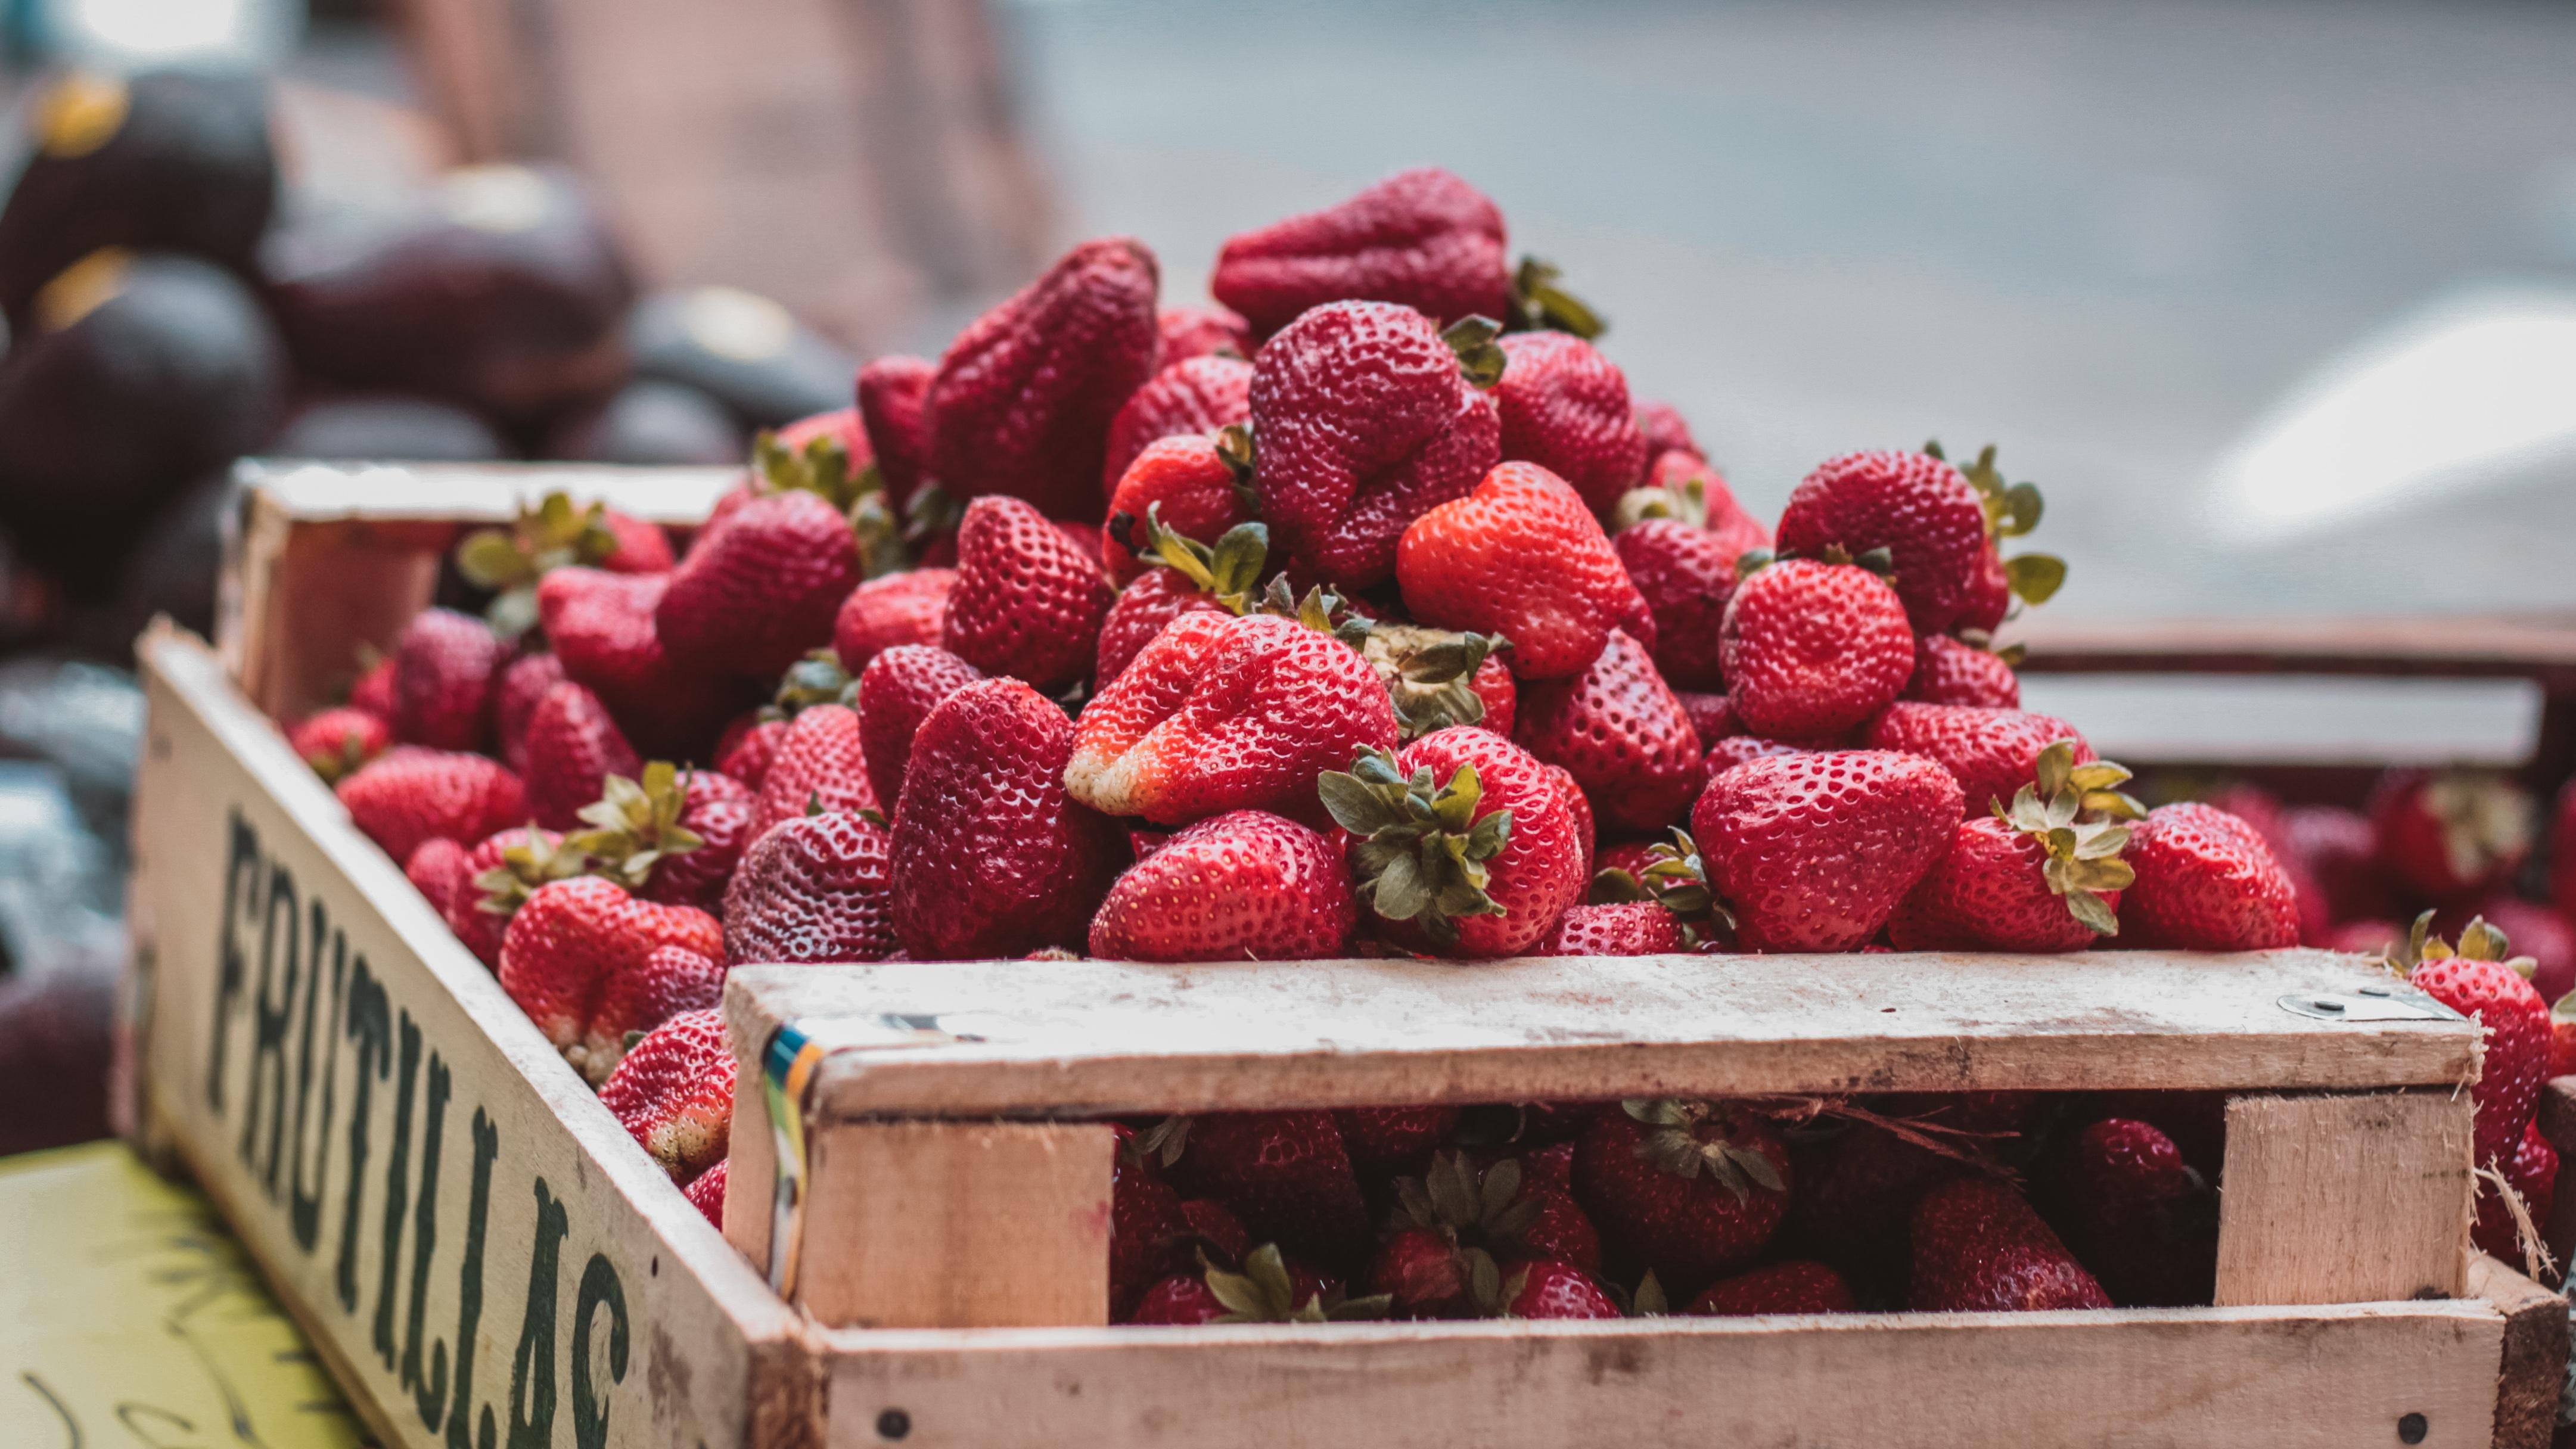 клубника корзина strawberry basket бесплатно